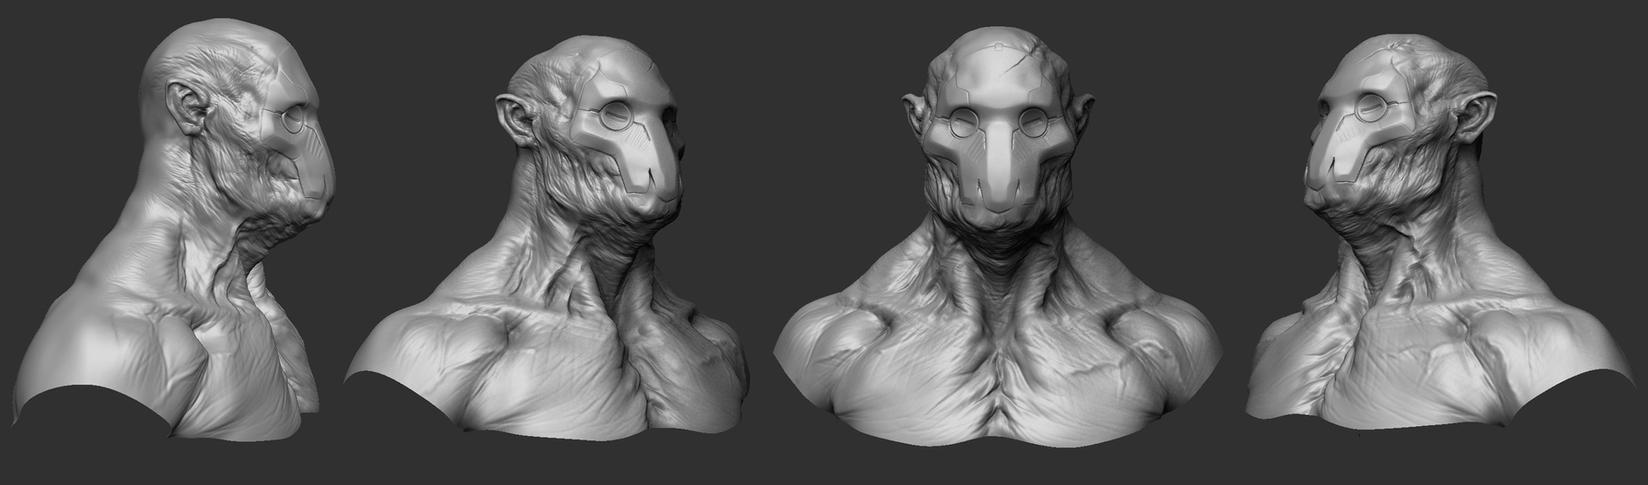 concept Sculpt 01 by mojette